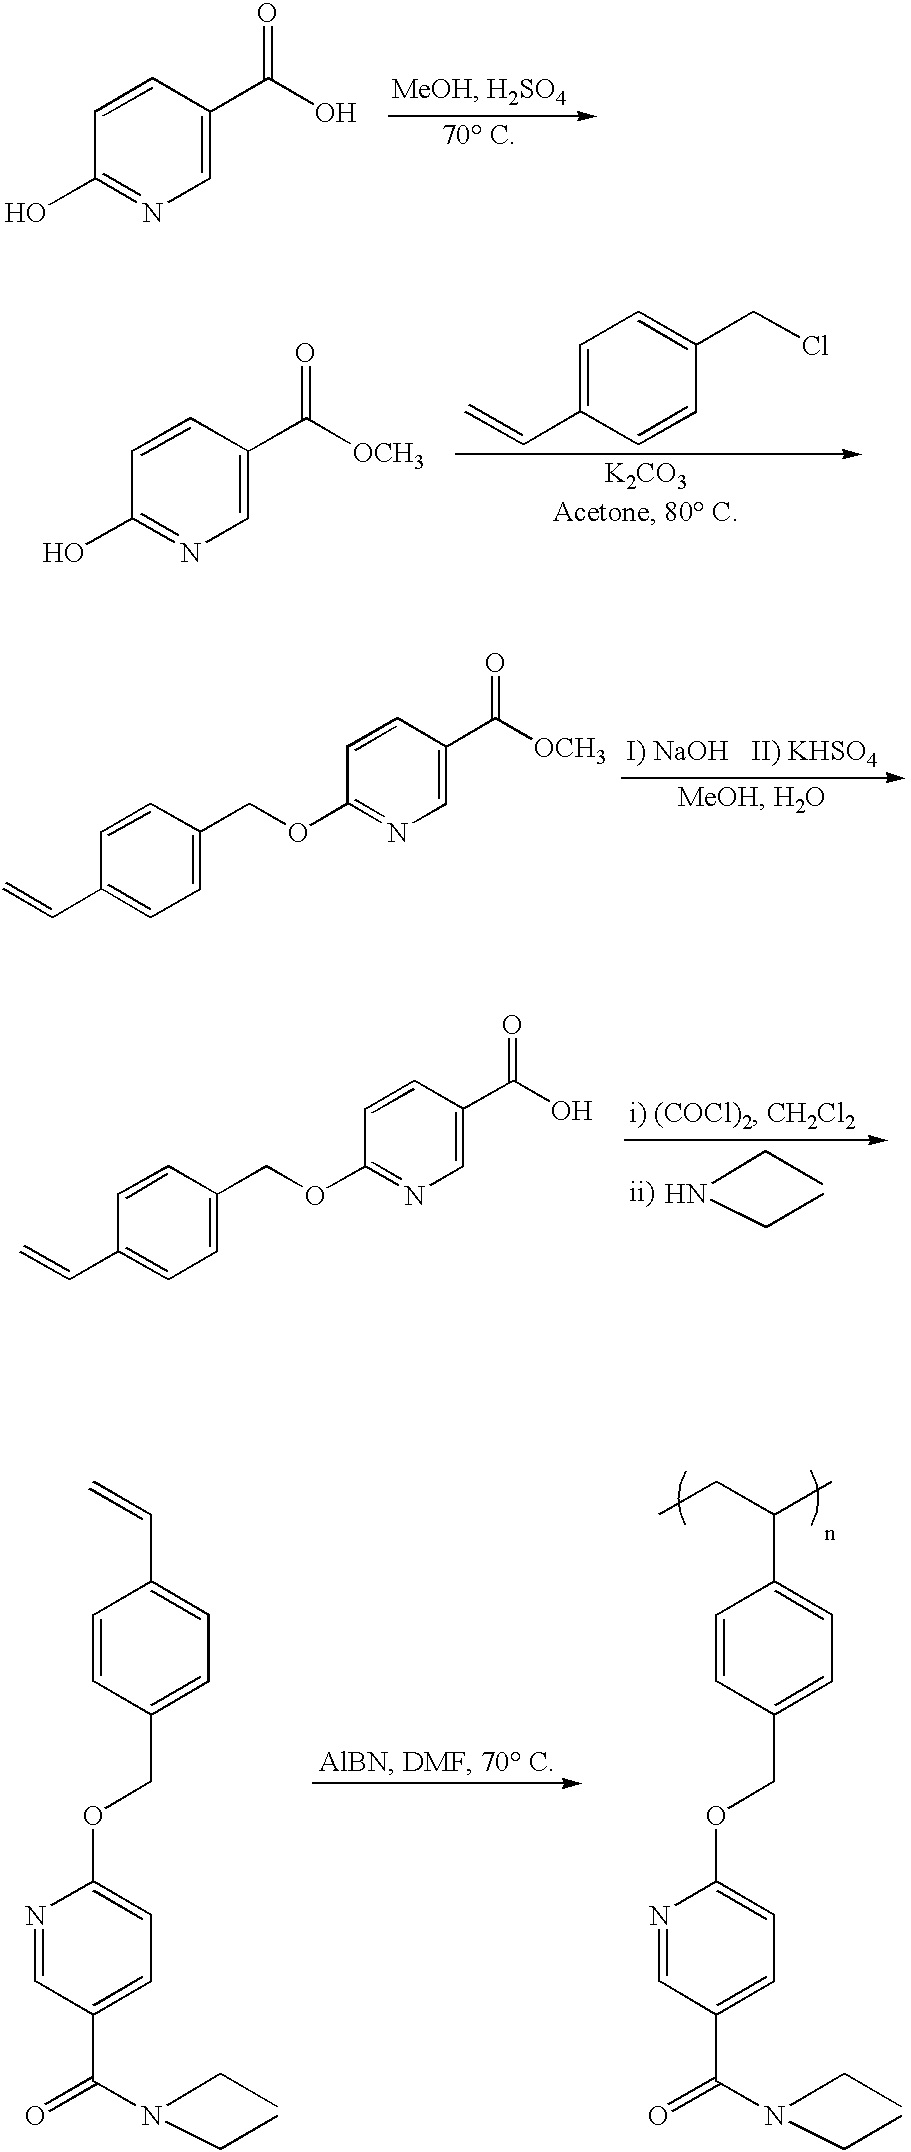 Figure US20030031715A1-20030213-C00058